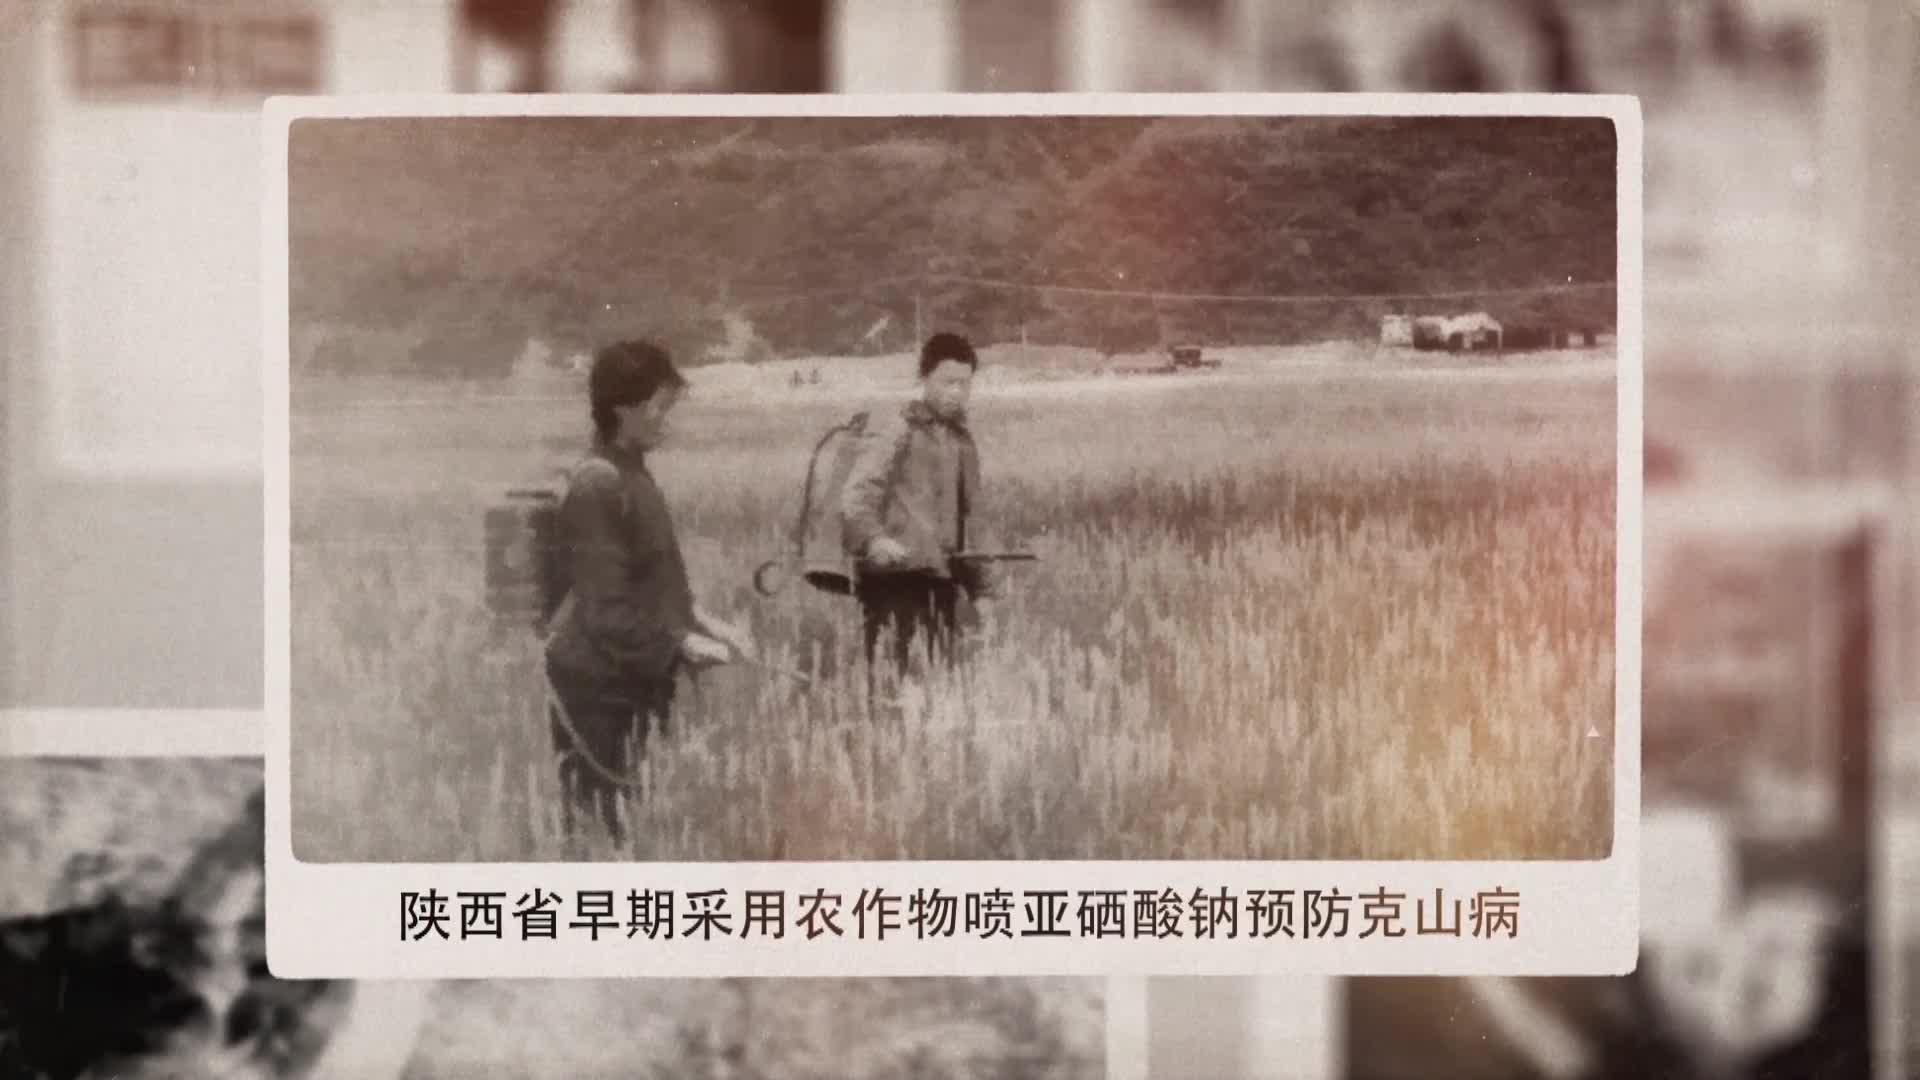 守健康初心,担防治使命 陕西省地方病防治研究所欢庆新中国成